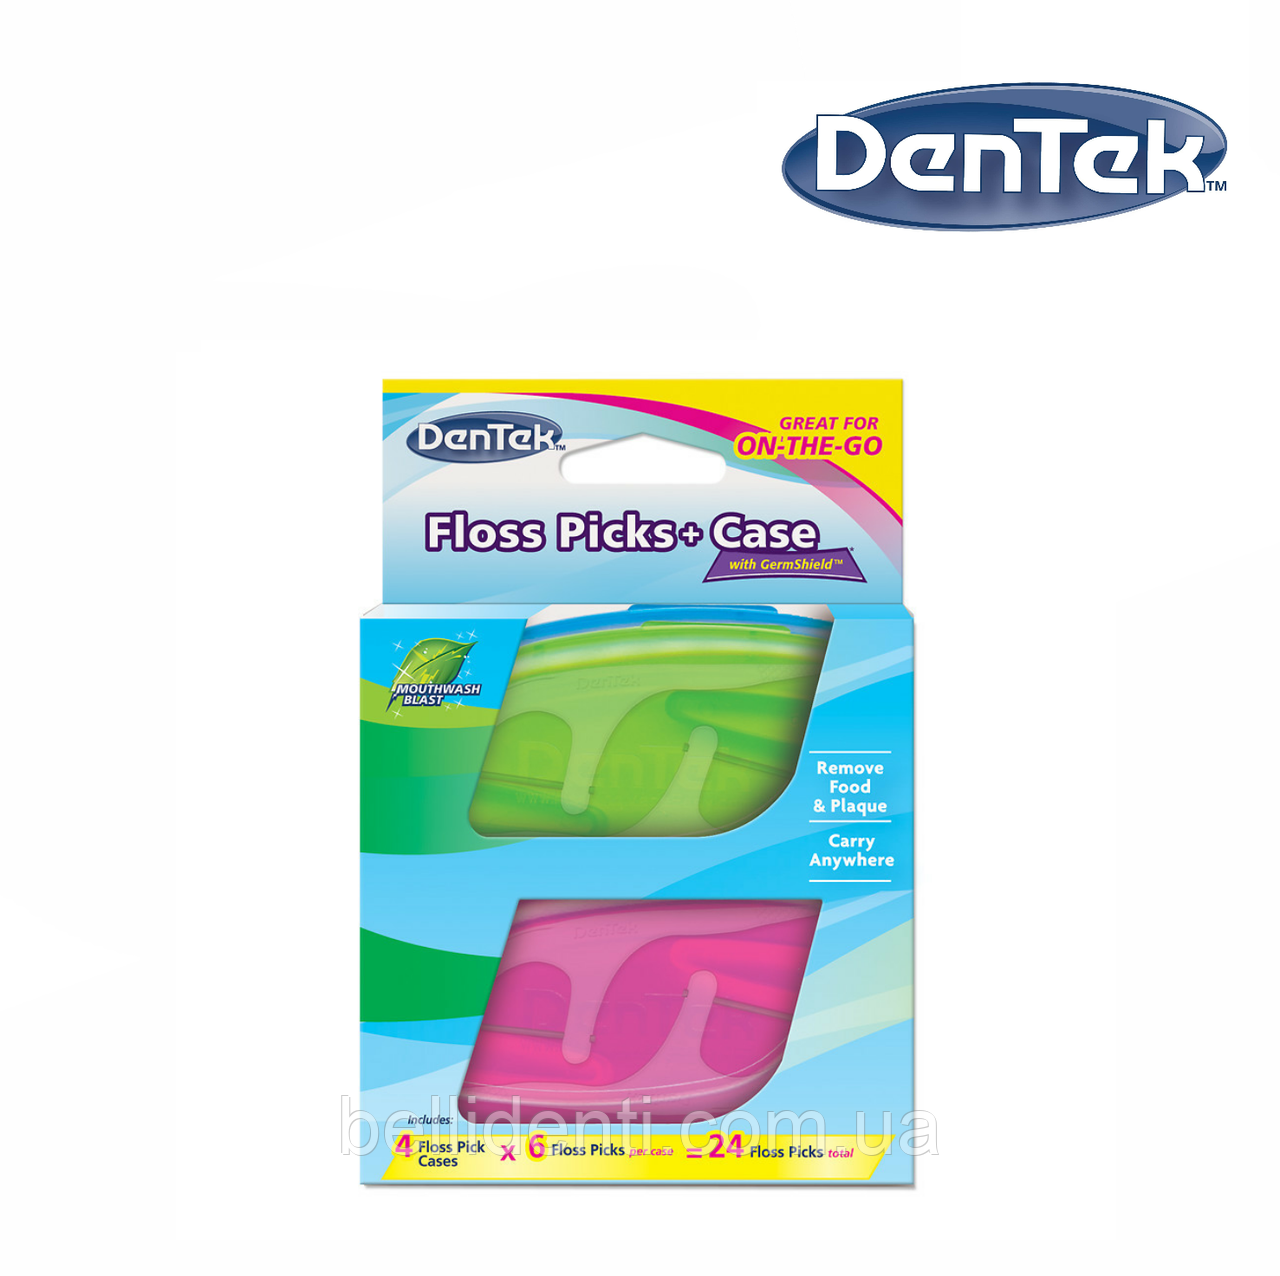 DenTek Флосс-зубочистки + Дорожный футляр: 4 футляра, 24 зубочистки